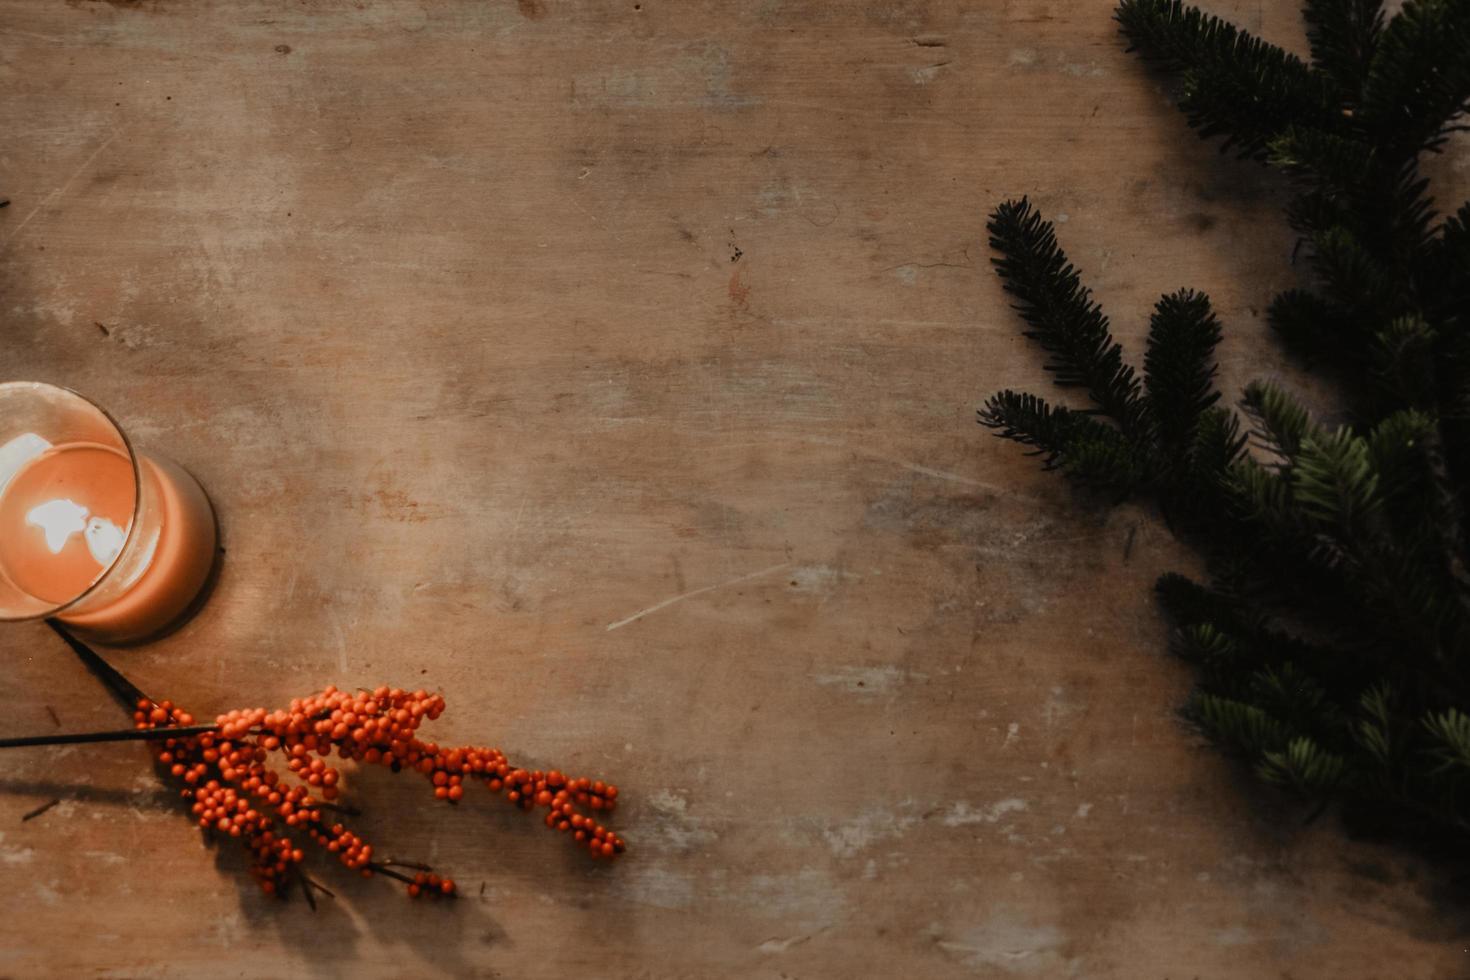 tavolo in legno con decorazioni invernali foto